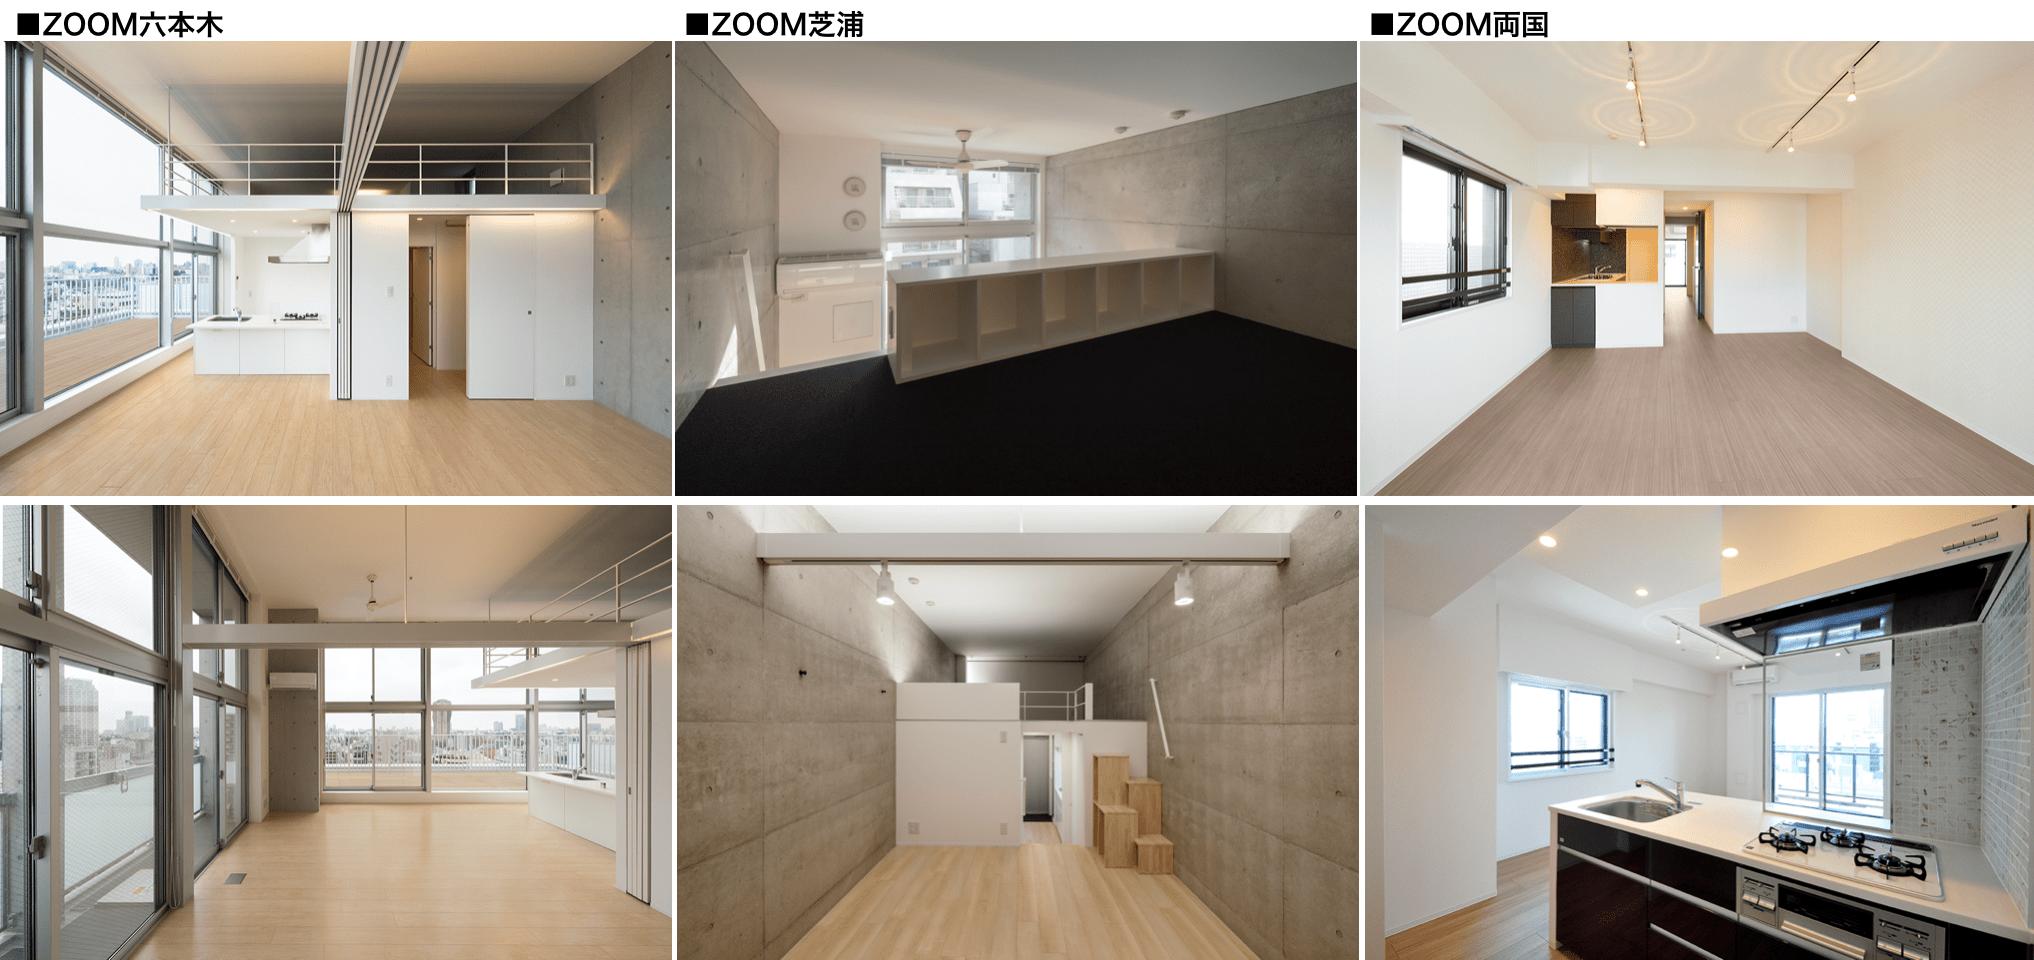 ZOOMの室内イメージ